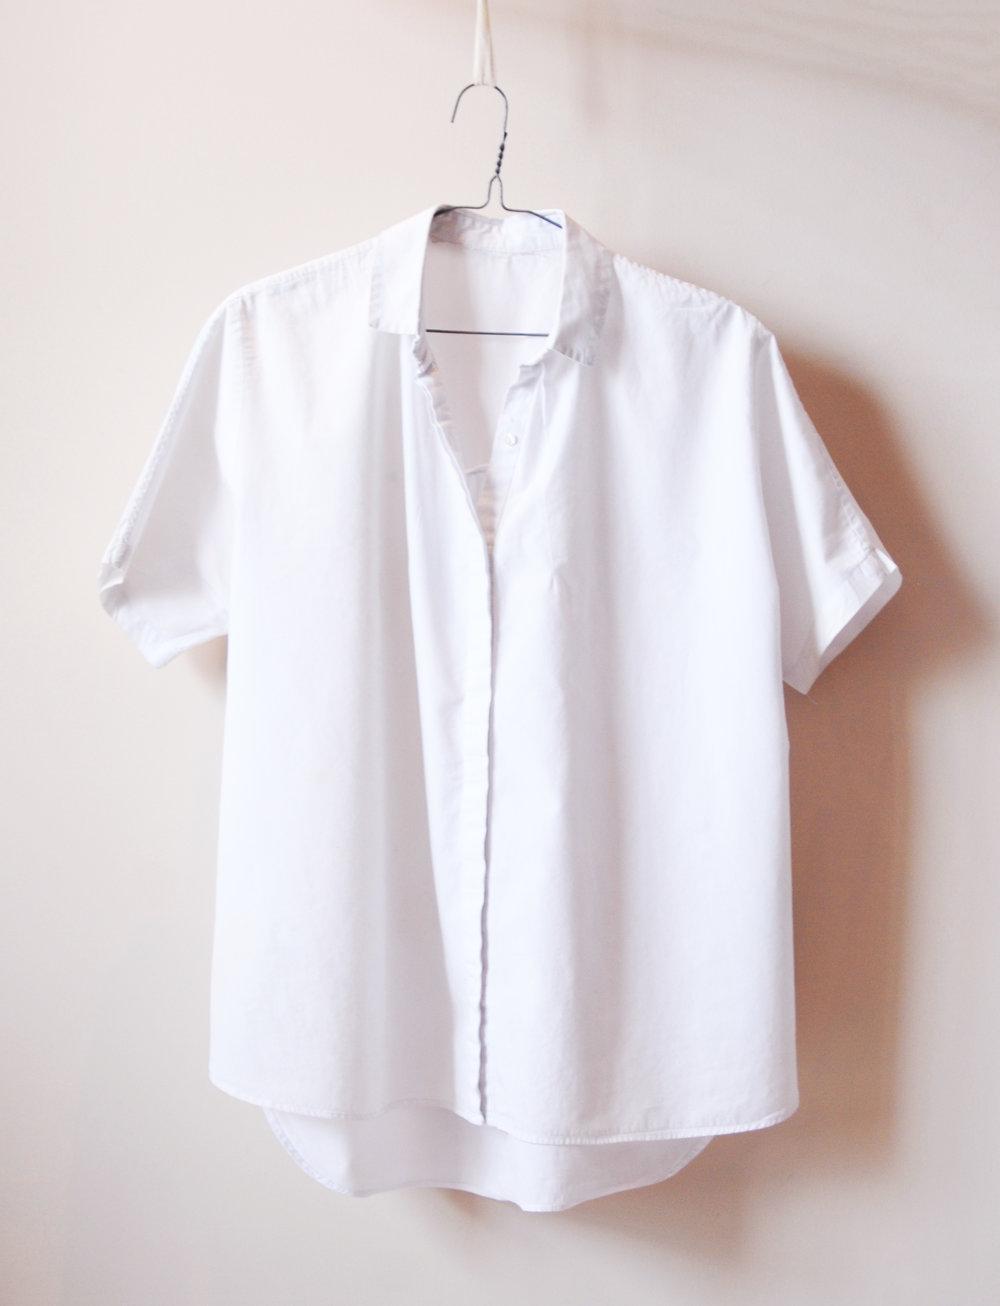 Zara Shirt.jpg